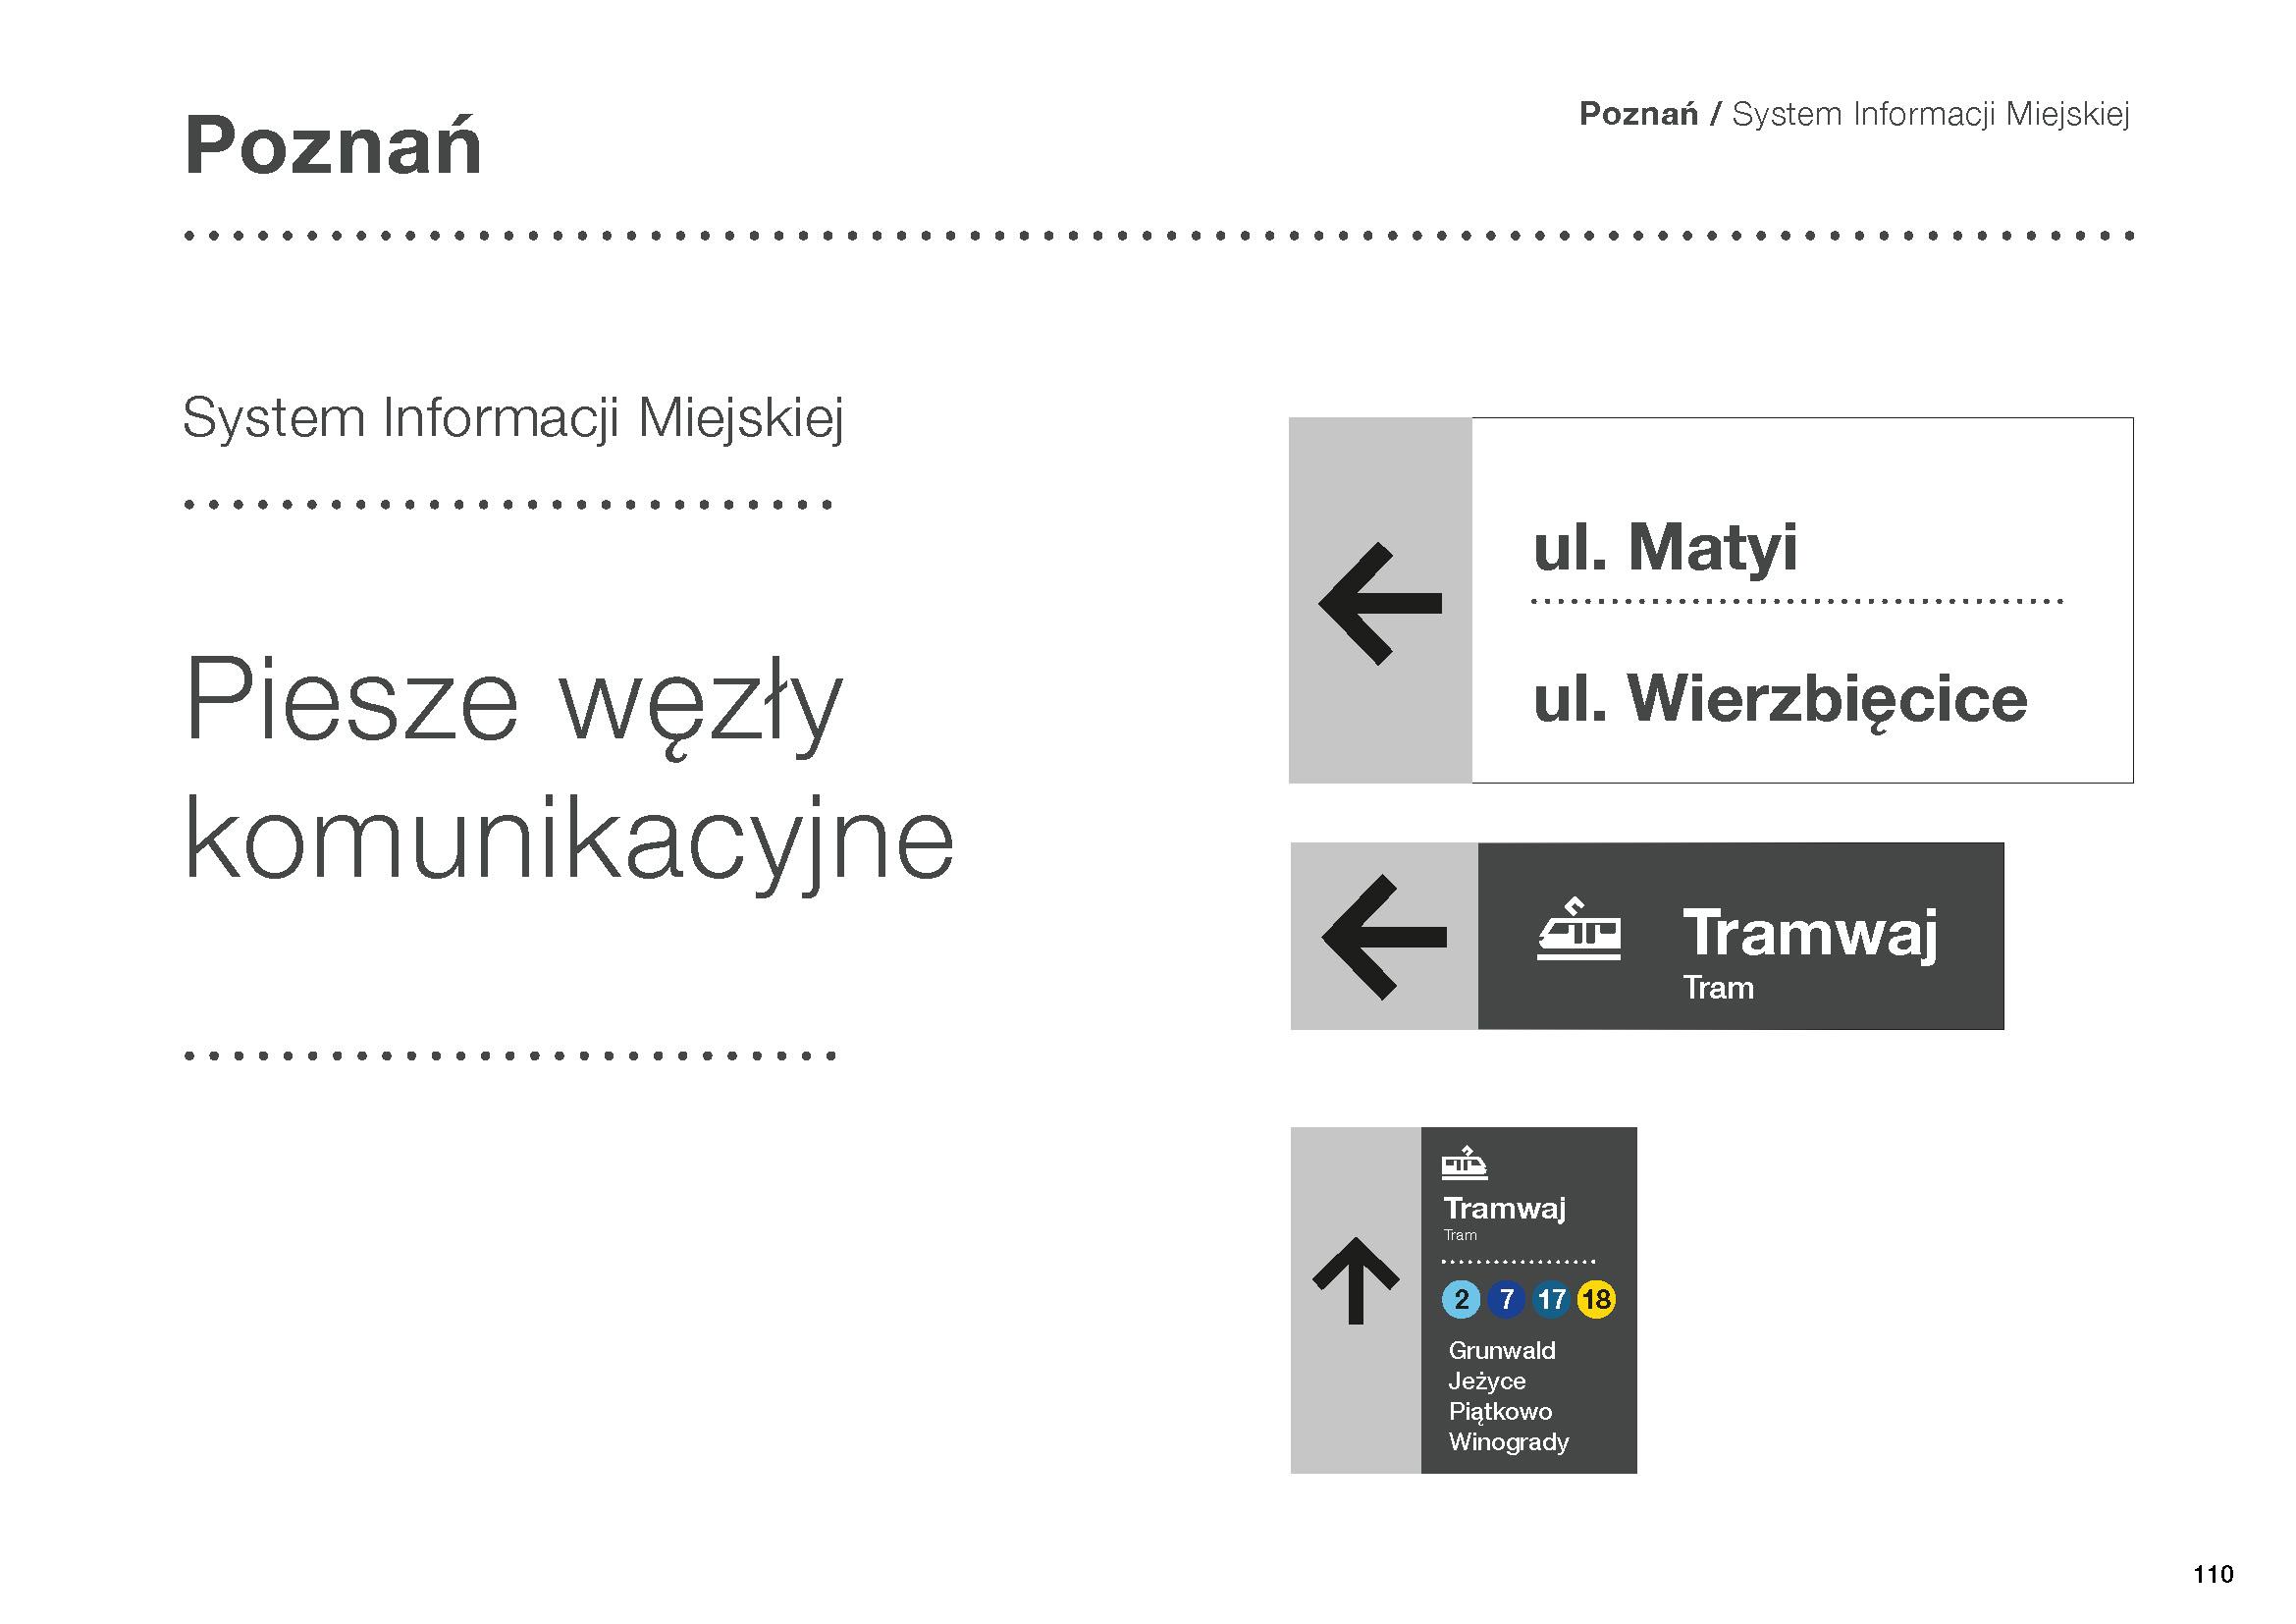 Poznań System Informacji Miejskiej (3)  Foto: